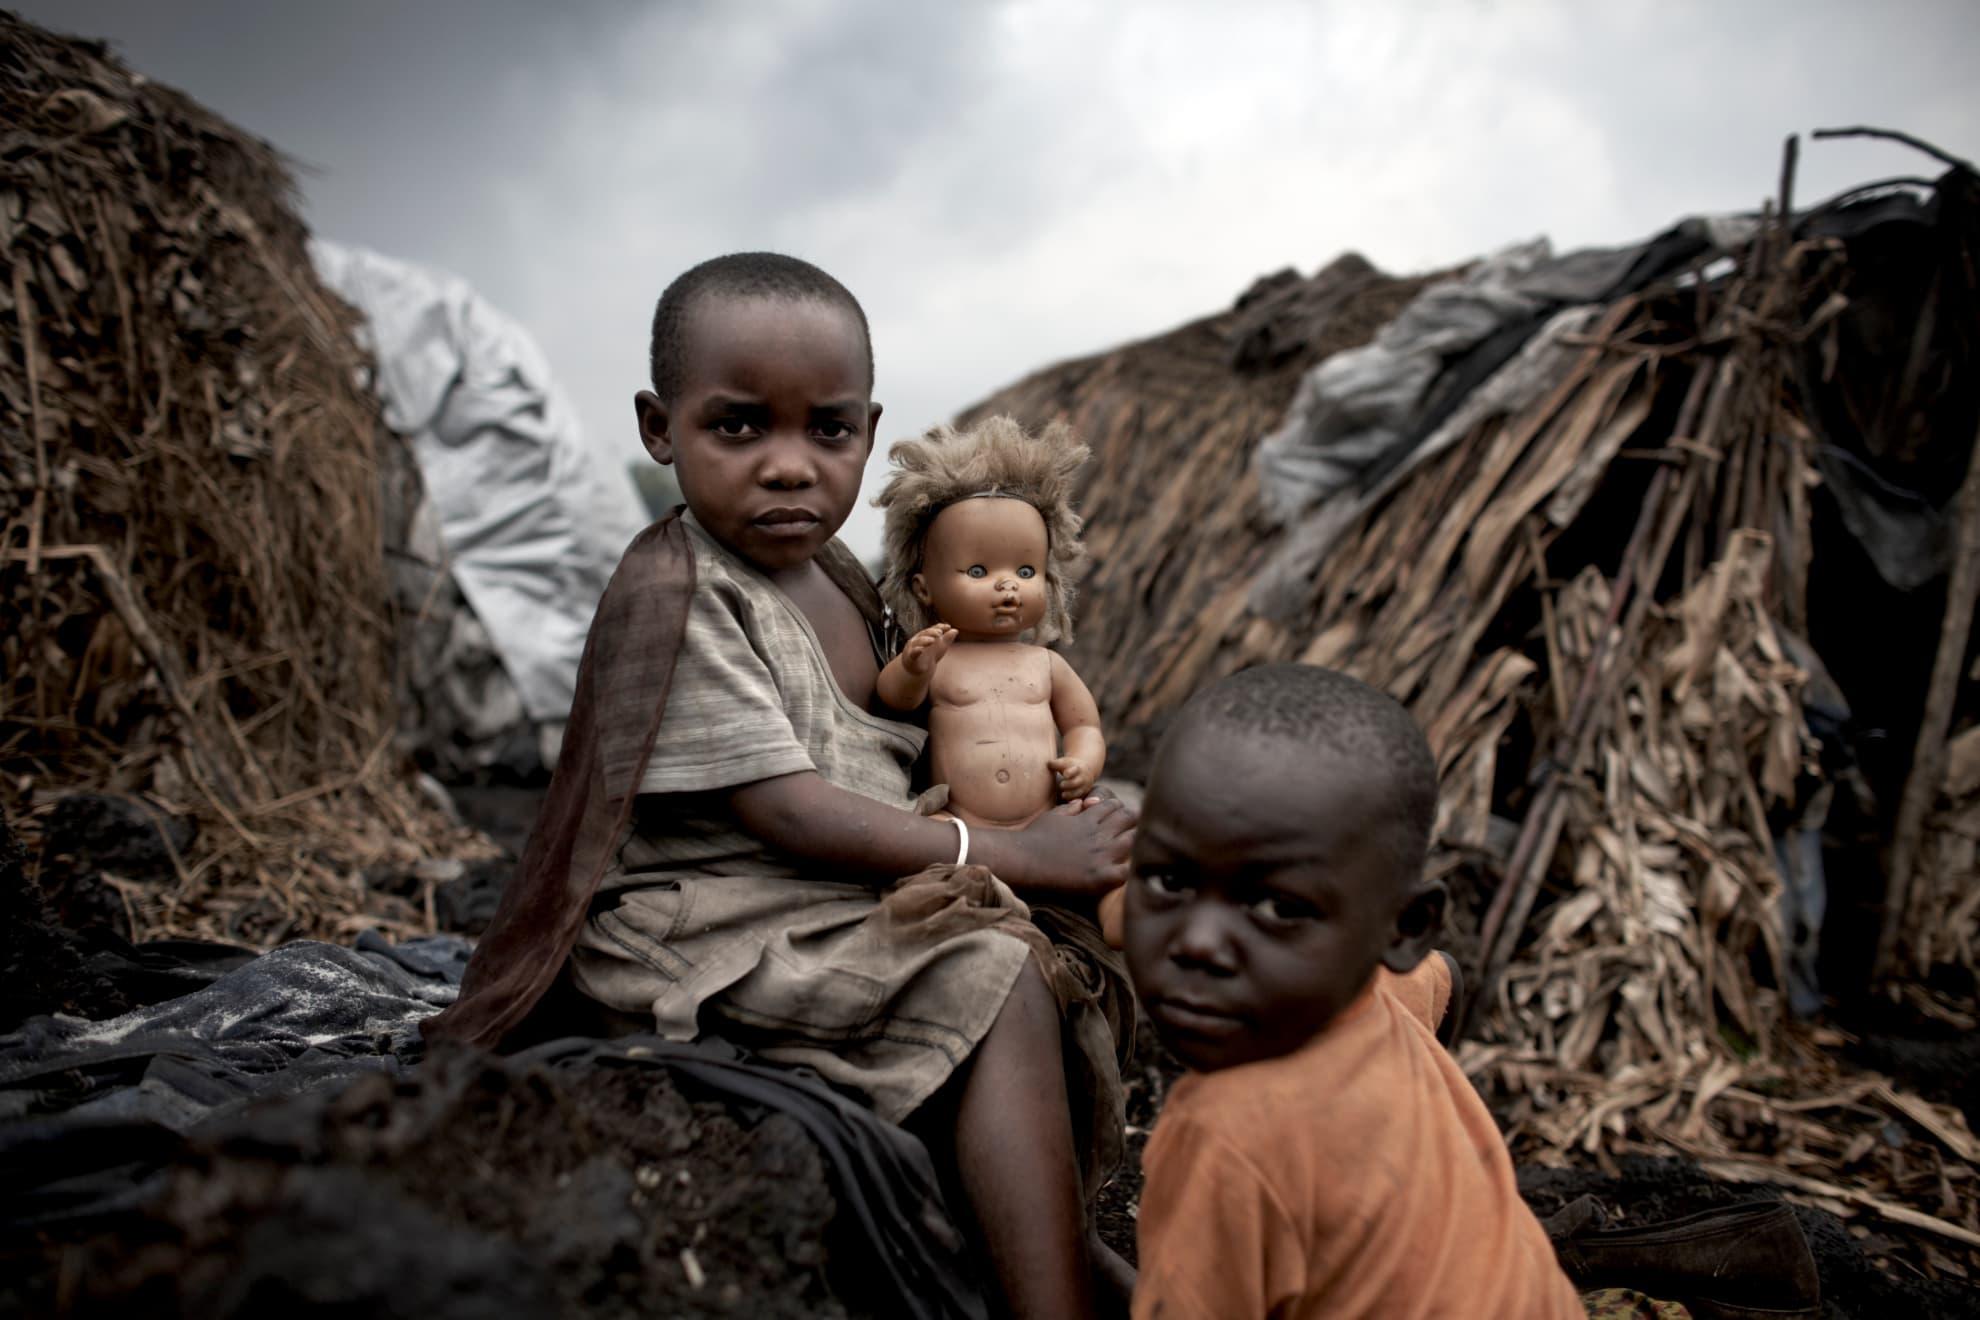 Niños desplazados esperan fuera de sus hogares provisionales en el centro internacional de personas desplazadas de Mugunga 1, que alberga a unas 10.000 personas en Goma, Kivu Norte, República Democrática del Congo. Los niños y niñas sufren más que otras personas a causa del conflicto. En la República Democrática del Congo, 5.400.000 seres humanos han perdido la vida en los últimos 10 años y, desde 2004, los niños y niñas han supuesto el 47 % de las muertes, debidas principalmente a la malaria, la diarrea, la neumonía, la malnutrición y otras enfermedades prevenibles.